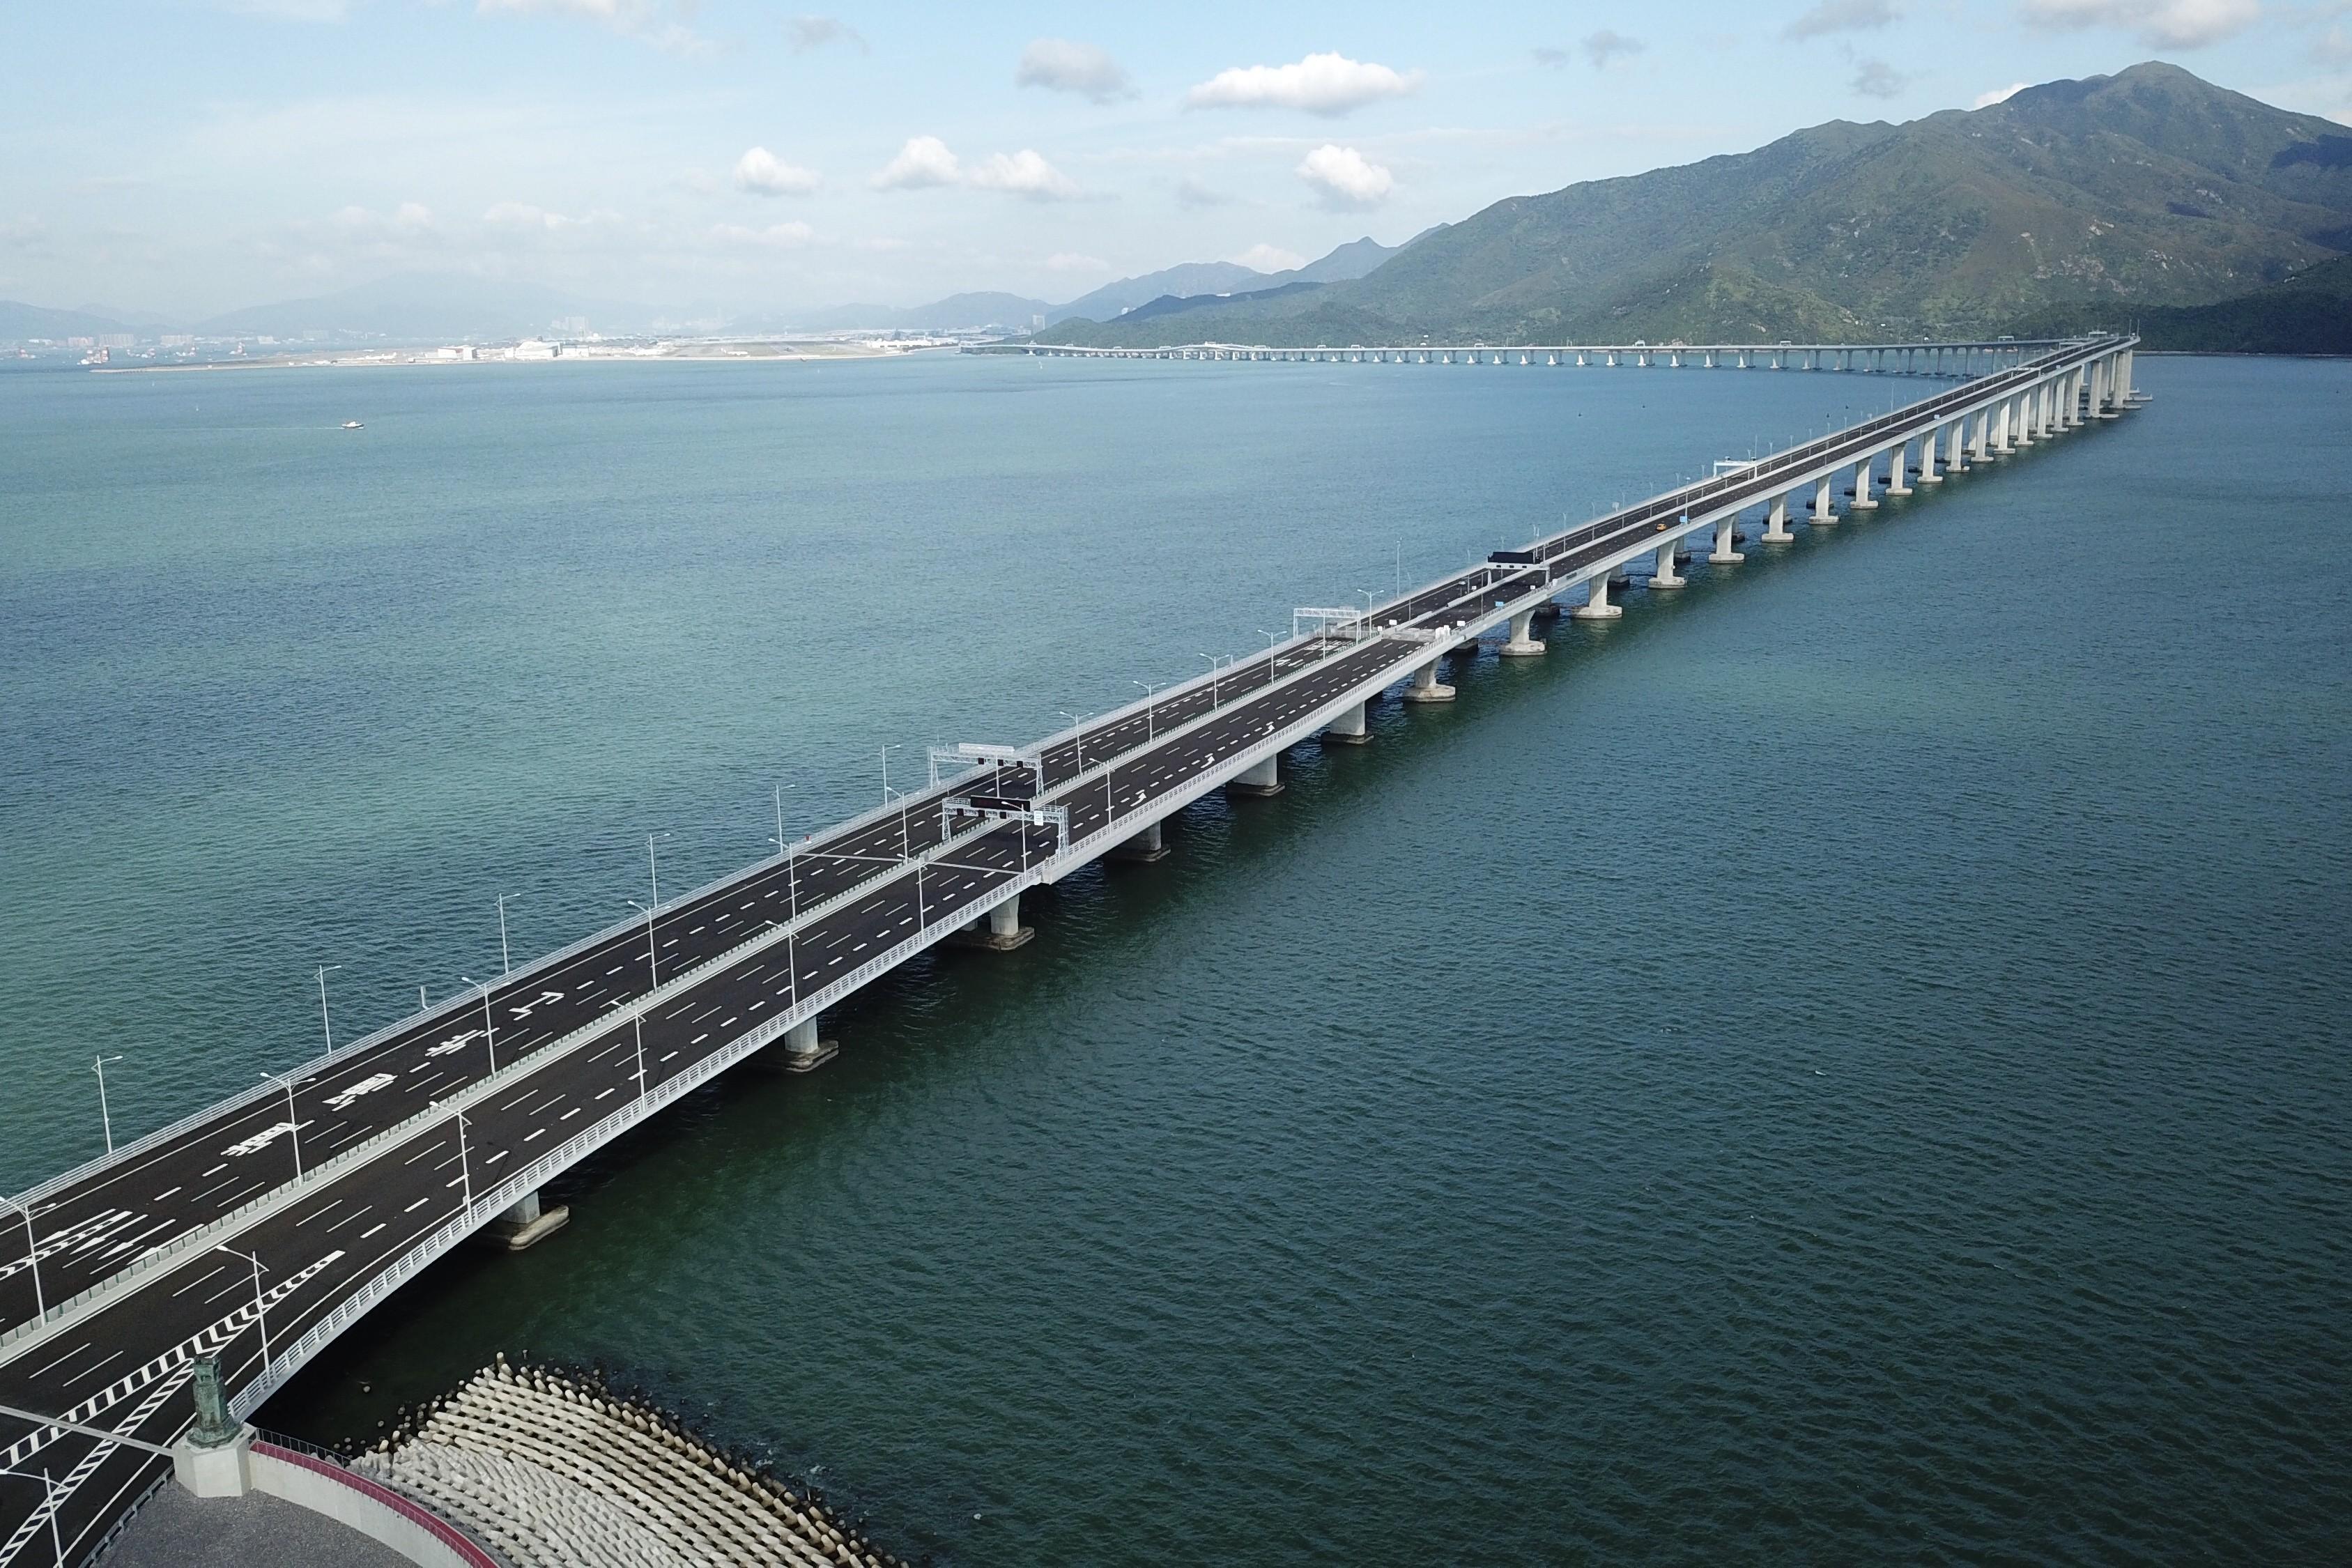 Apre ufficialmente in Cina il più lungo ponte sul mare